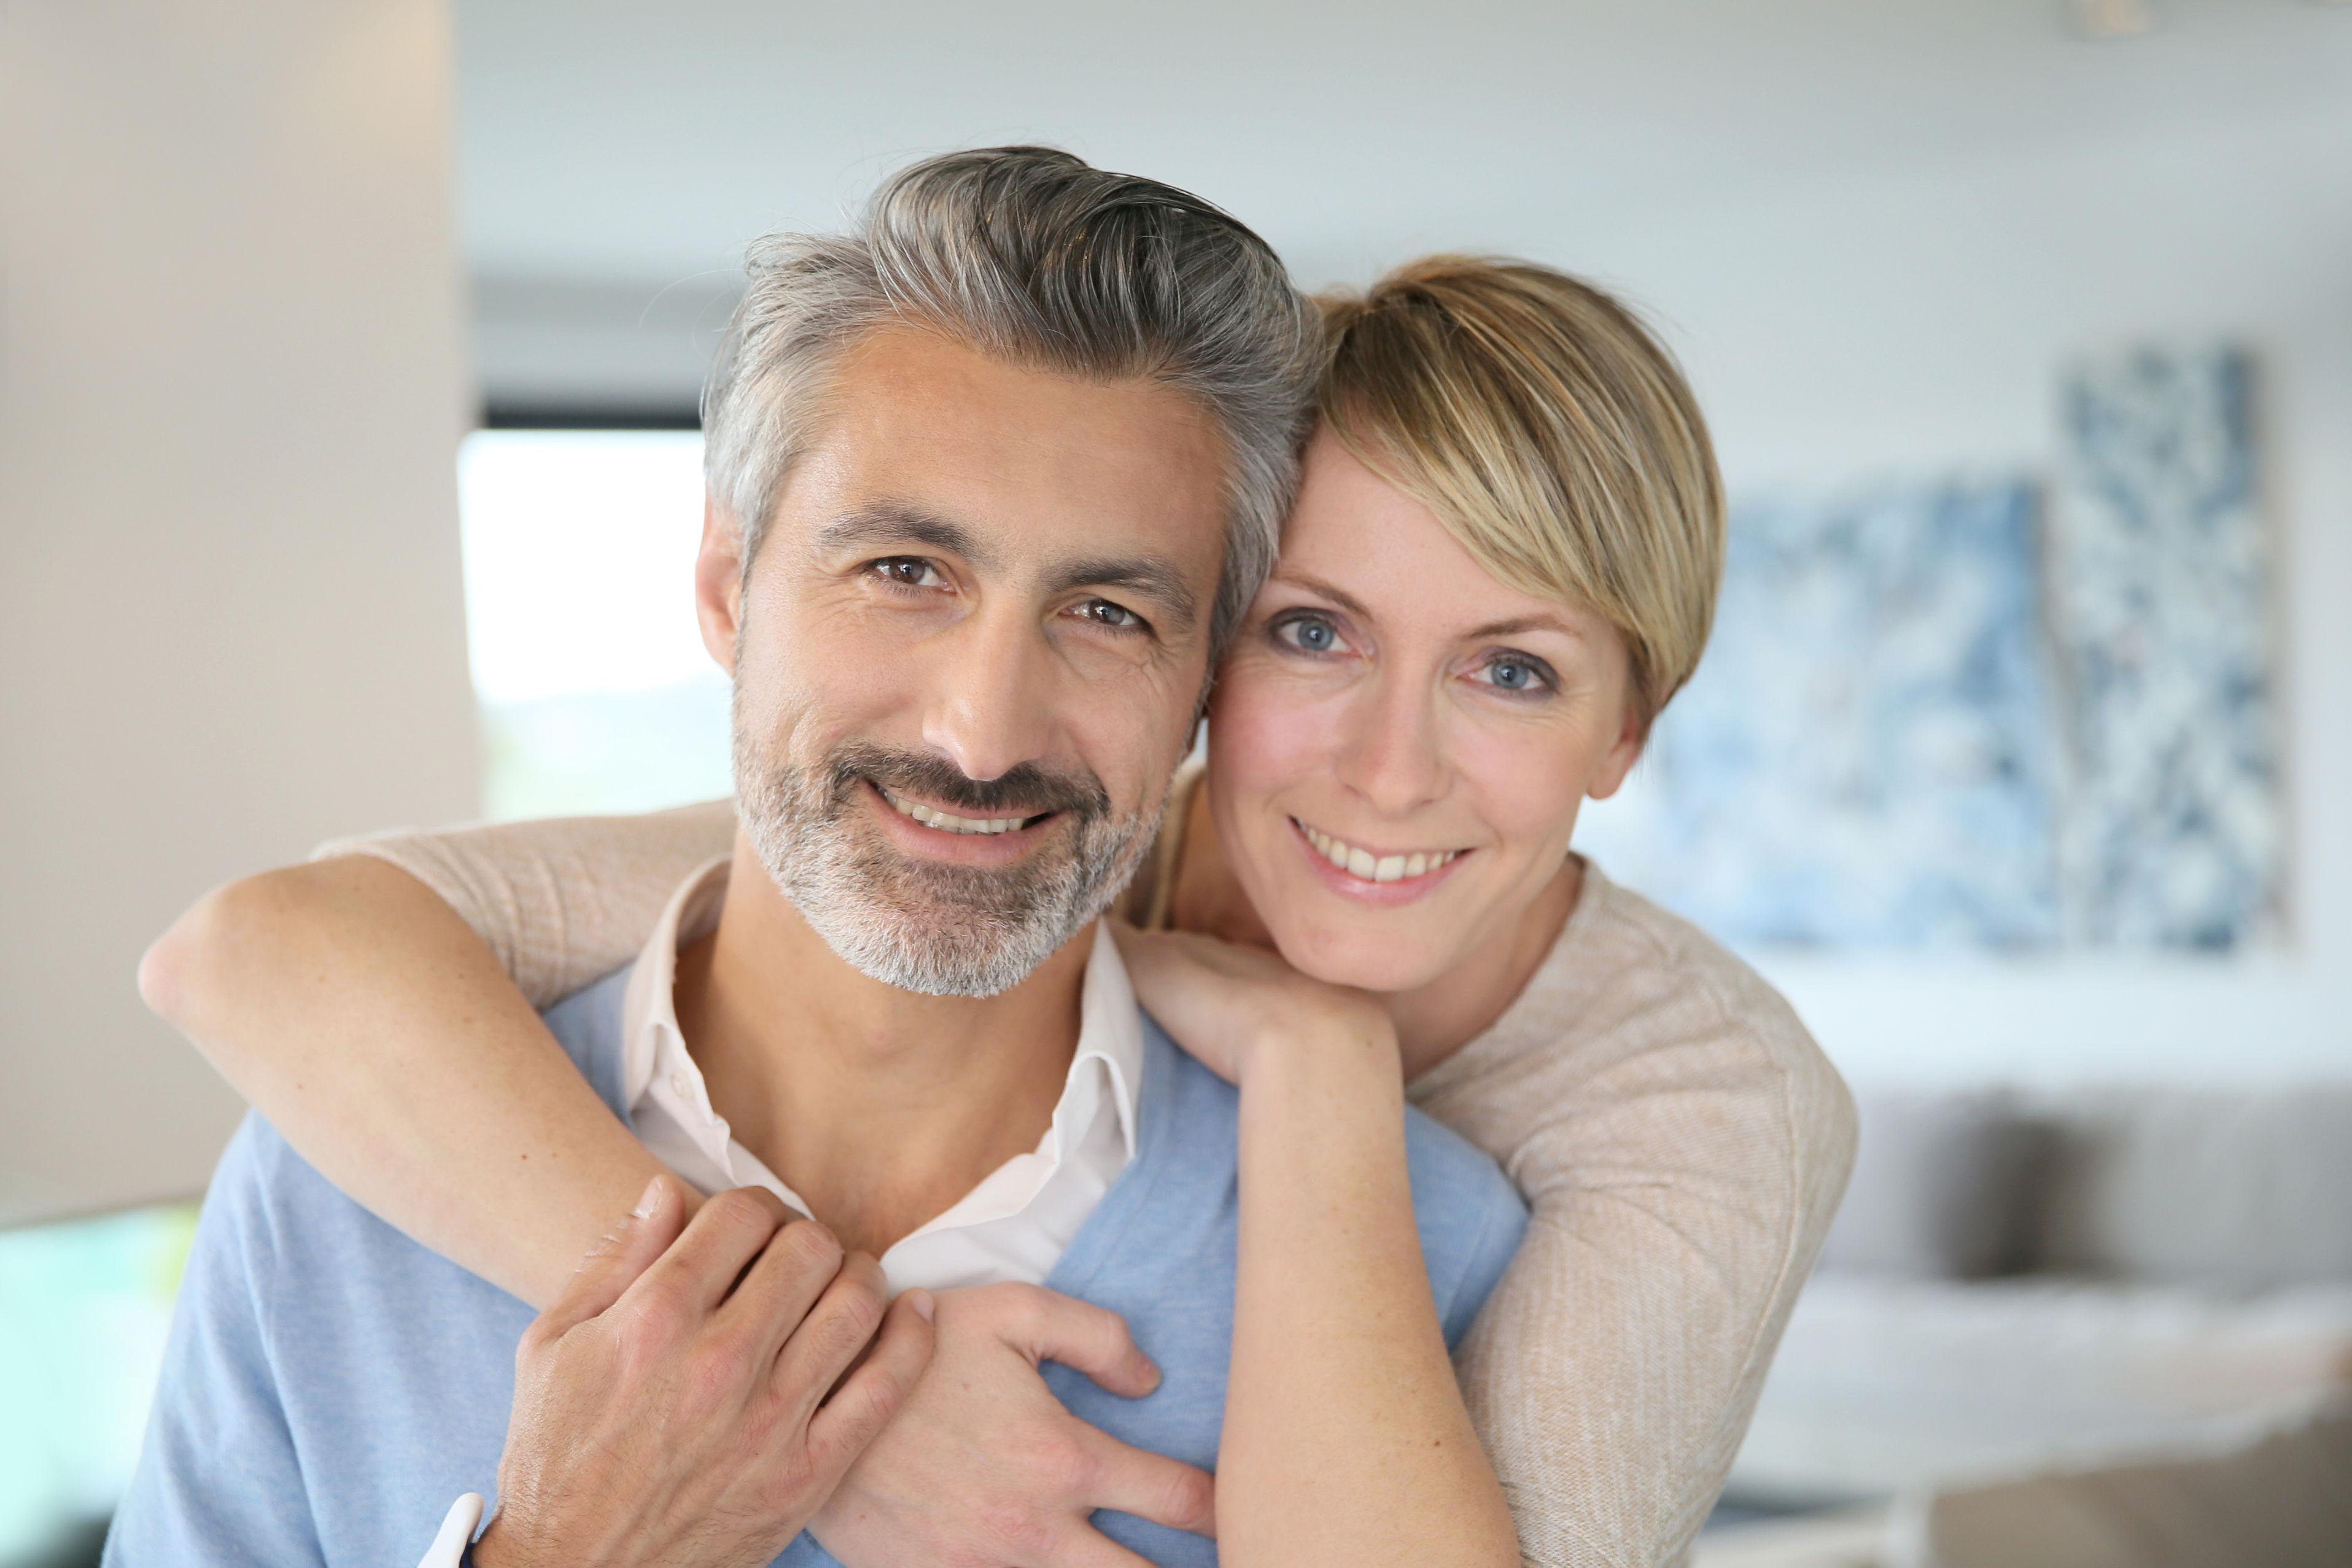 parodontal gesunde Zähne lachendes glückliches Ehepaar